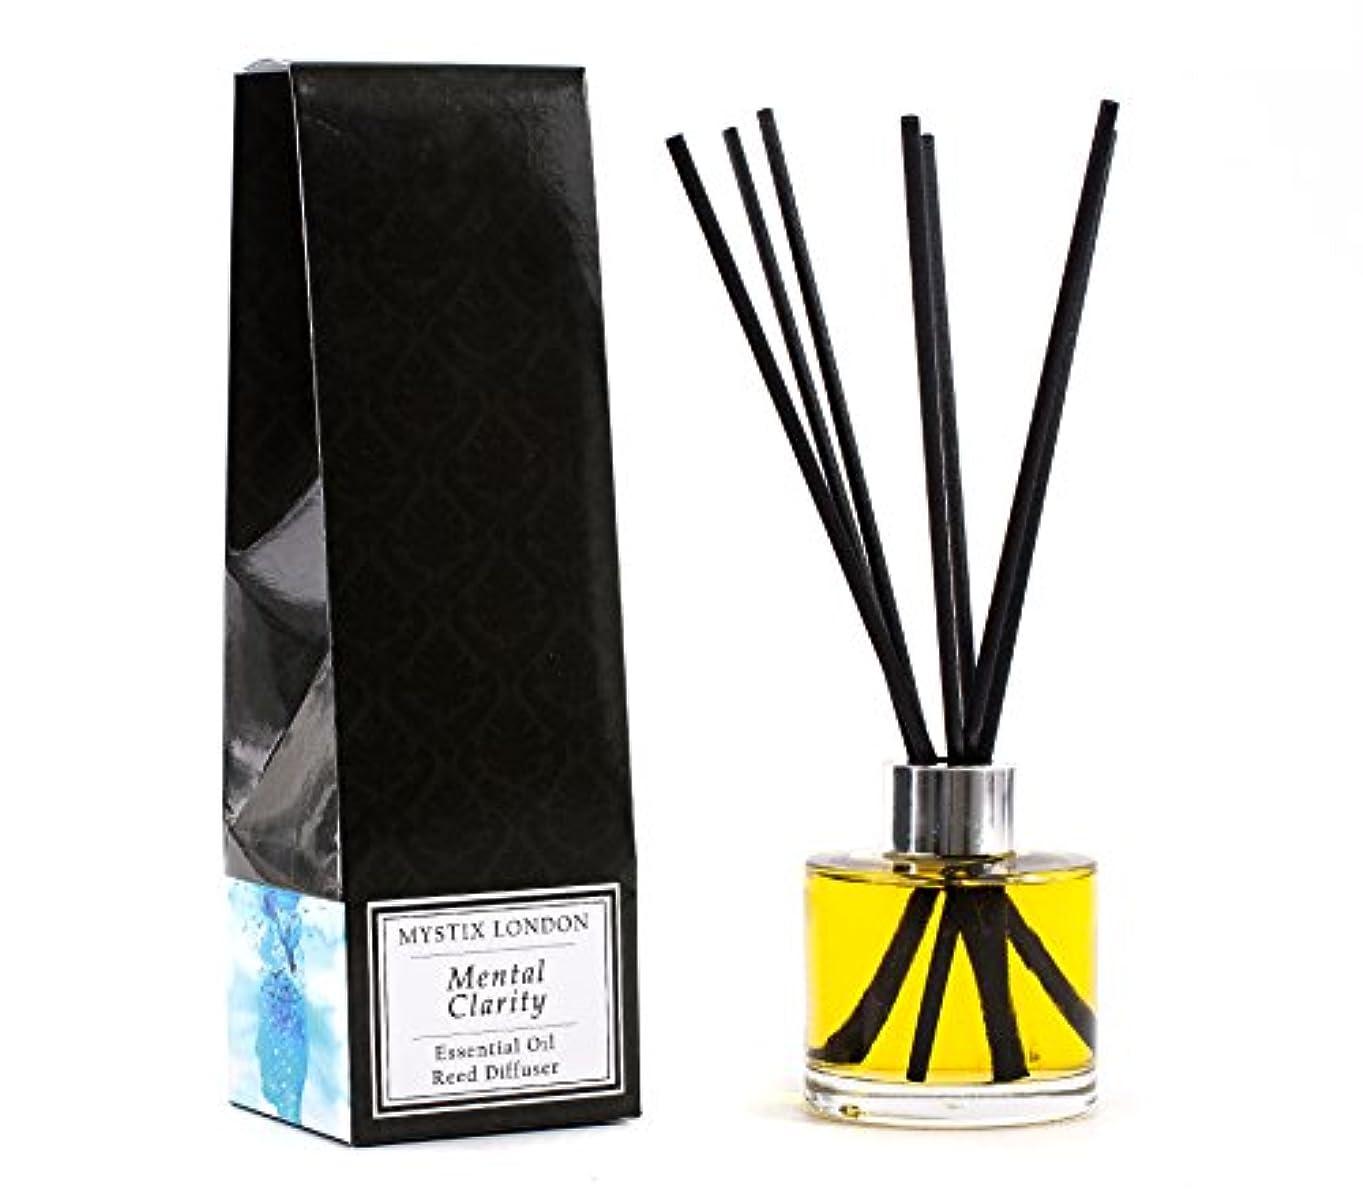 時苦しめる世界Mystix London   Mental Clarity - Essential Oil Reed Diffuser - 100ml